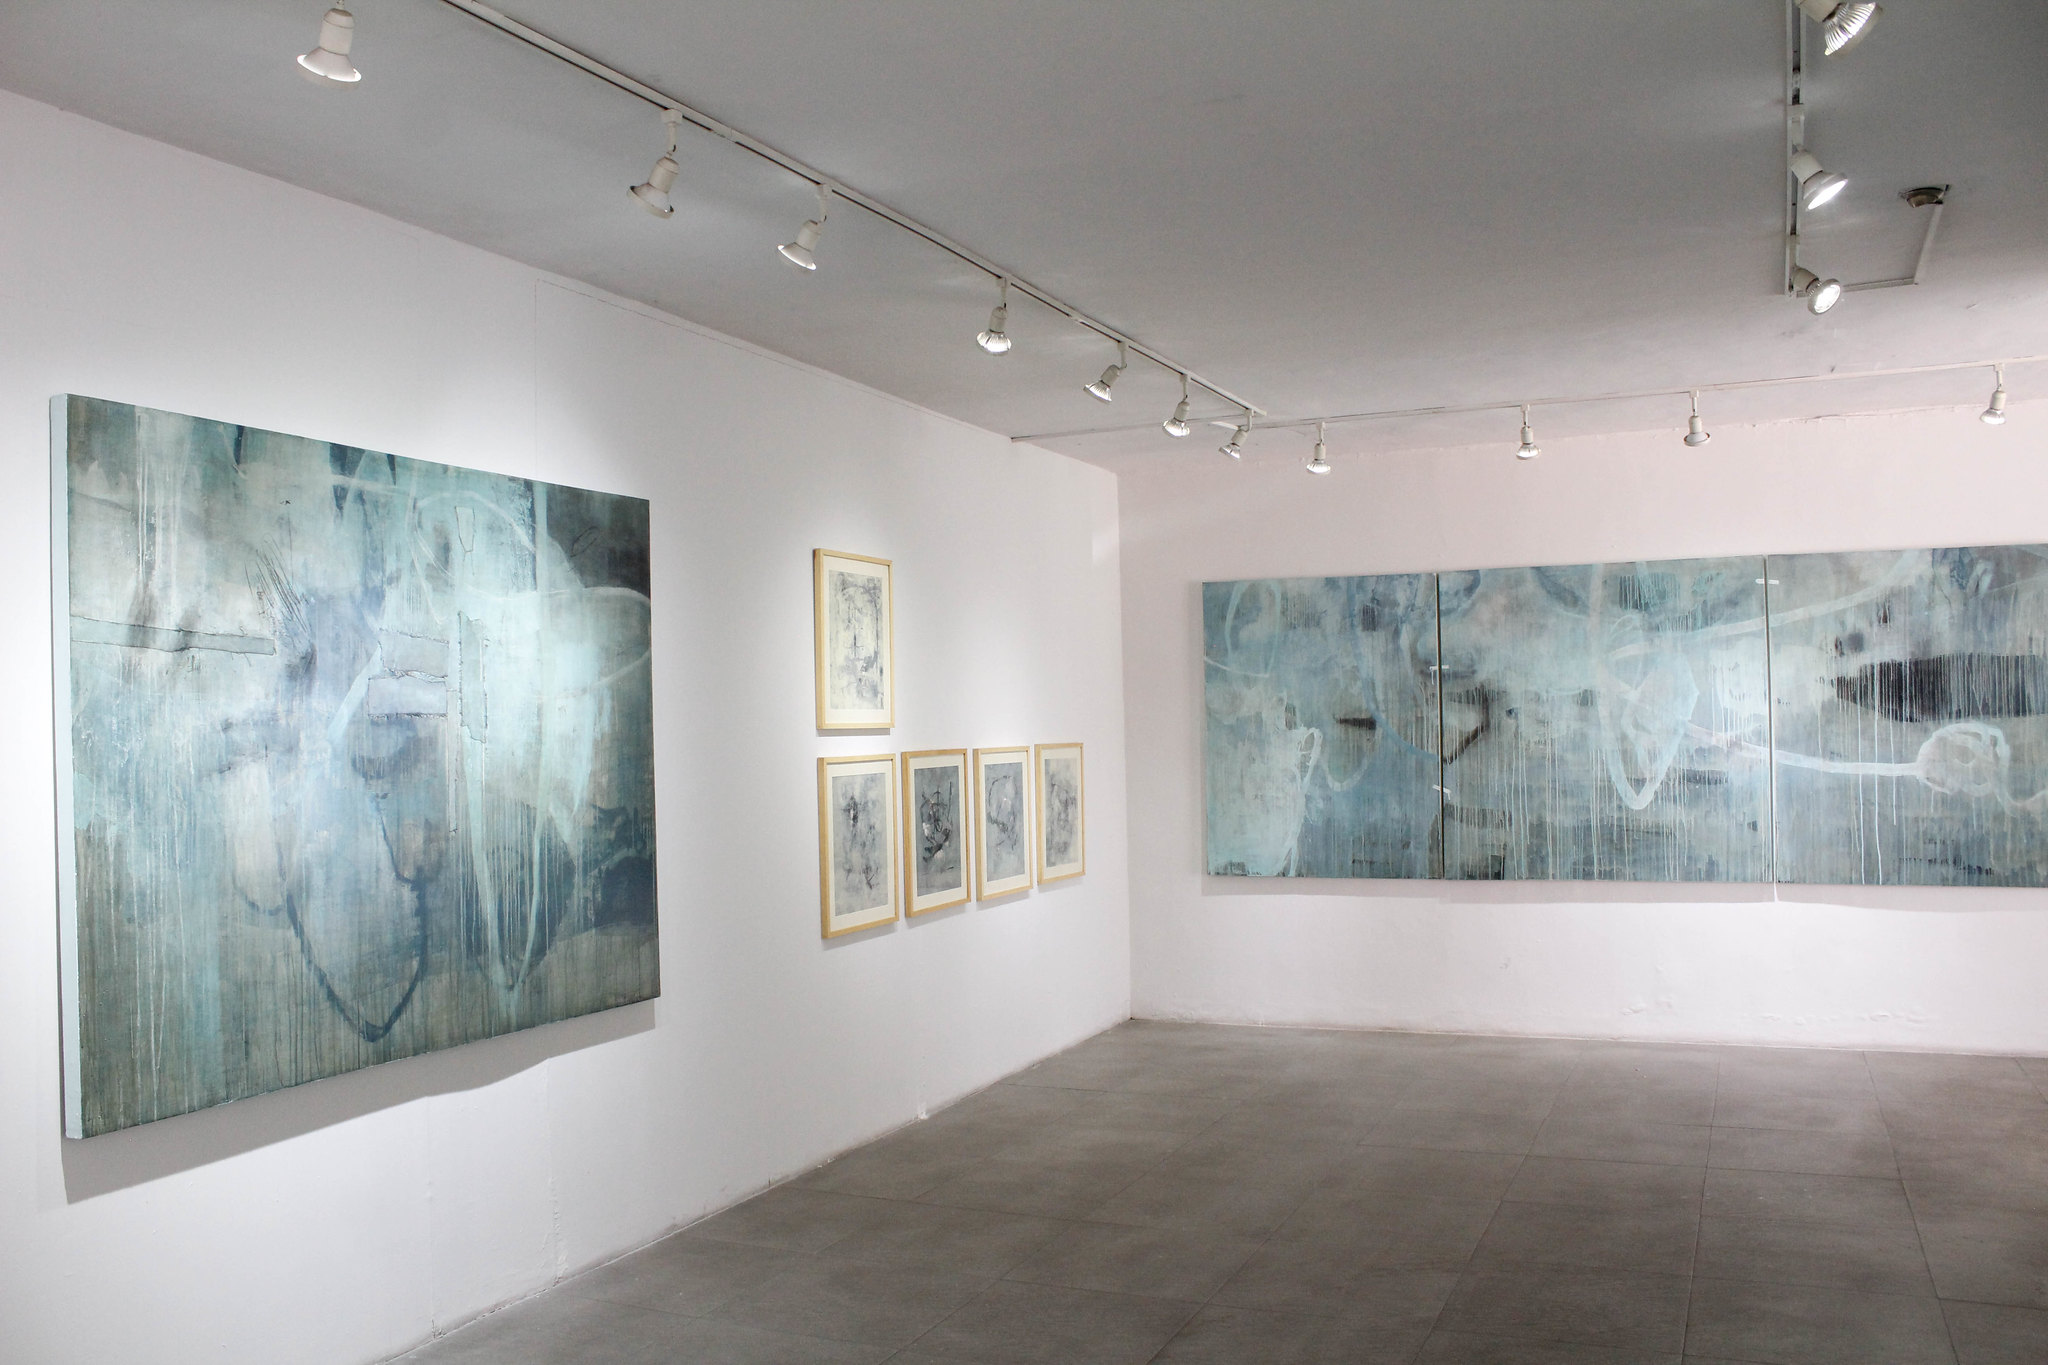 Llega a la Galería Javier Arévalo una colección de obras del artista mexicano Giorgio Mora